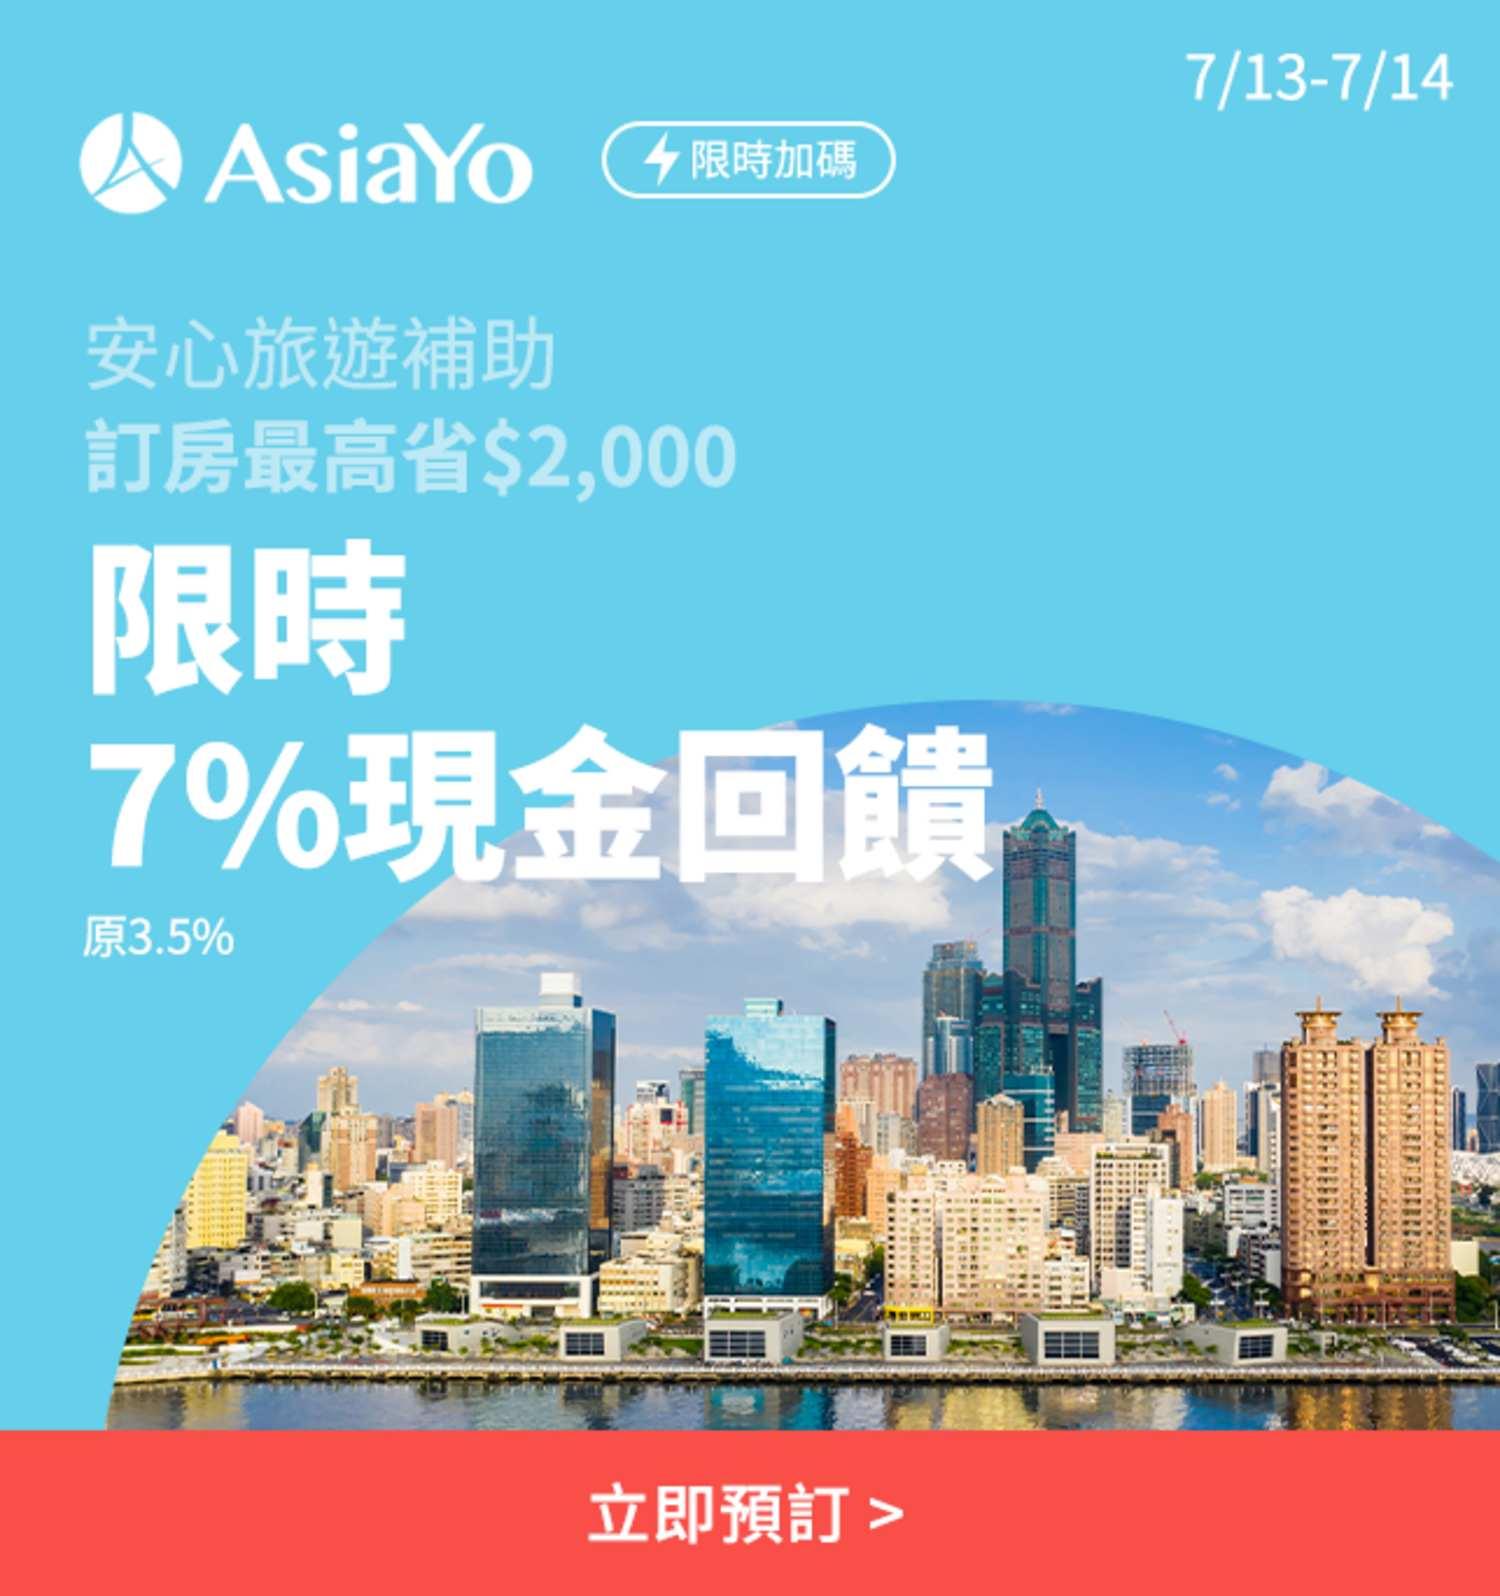 AsiaYo 7/13-7/14